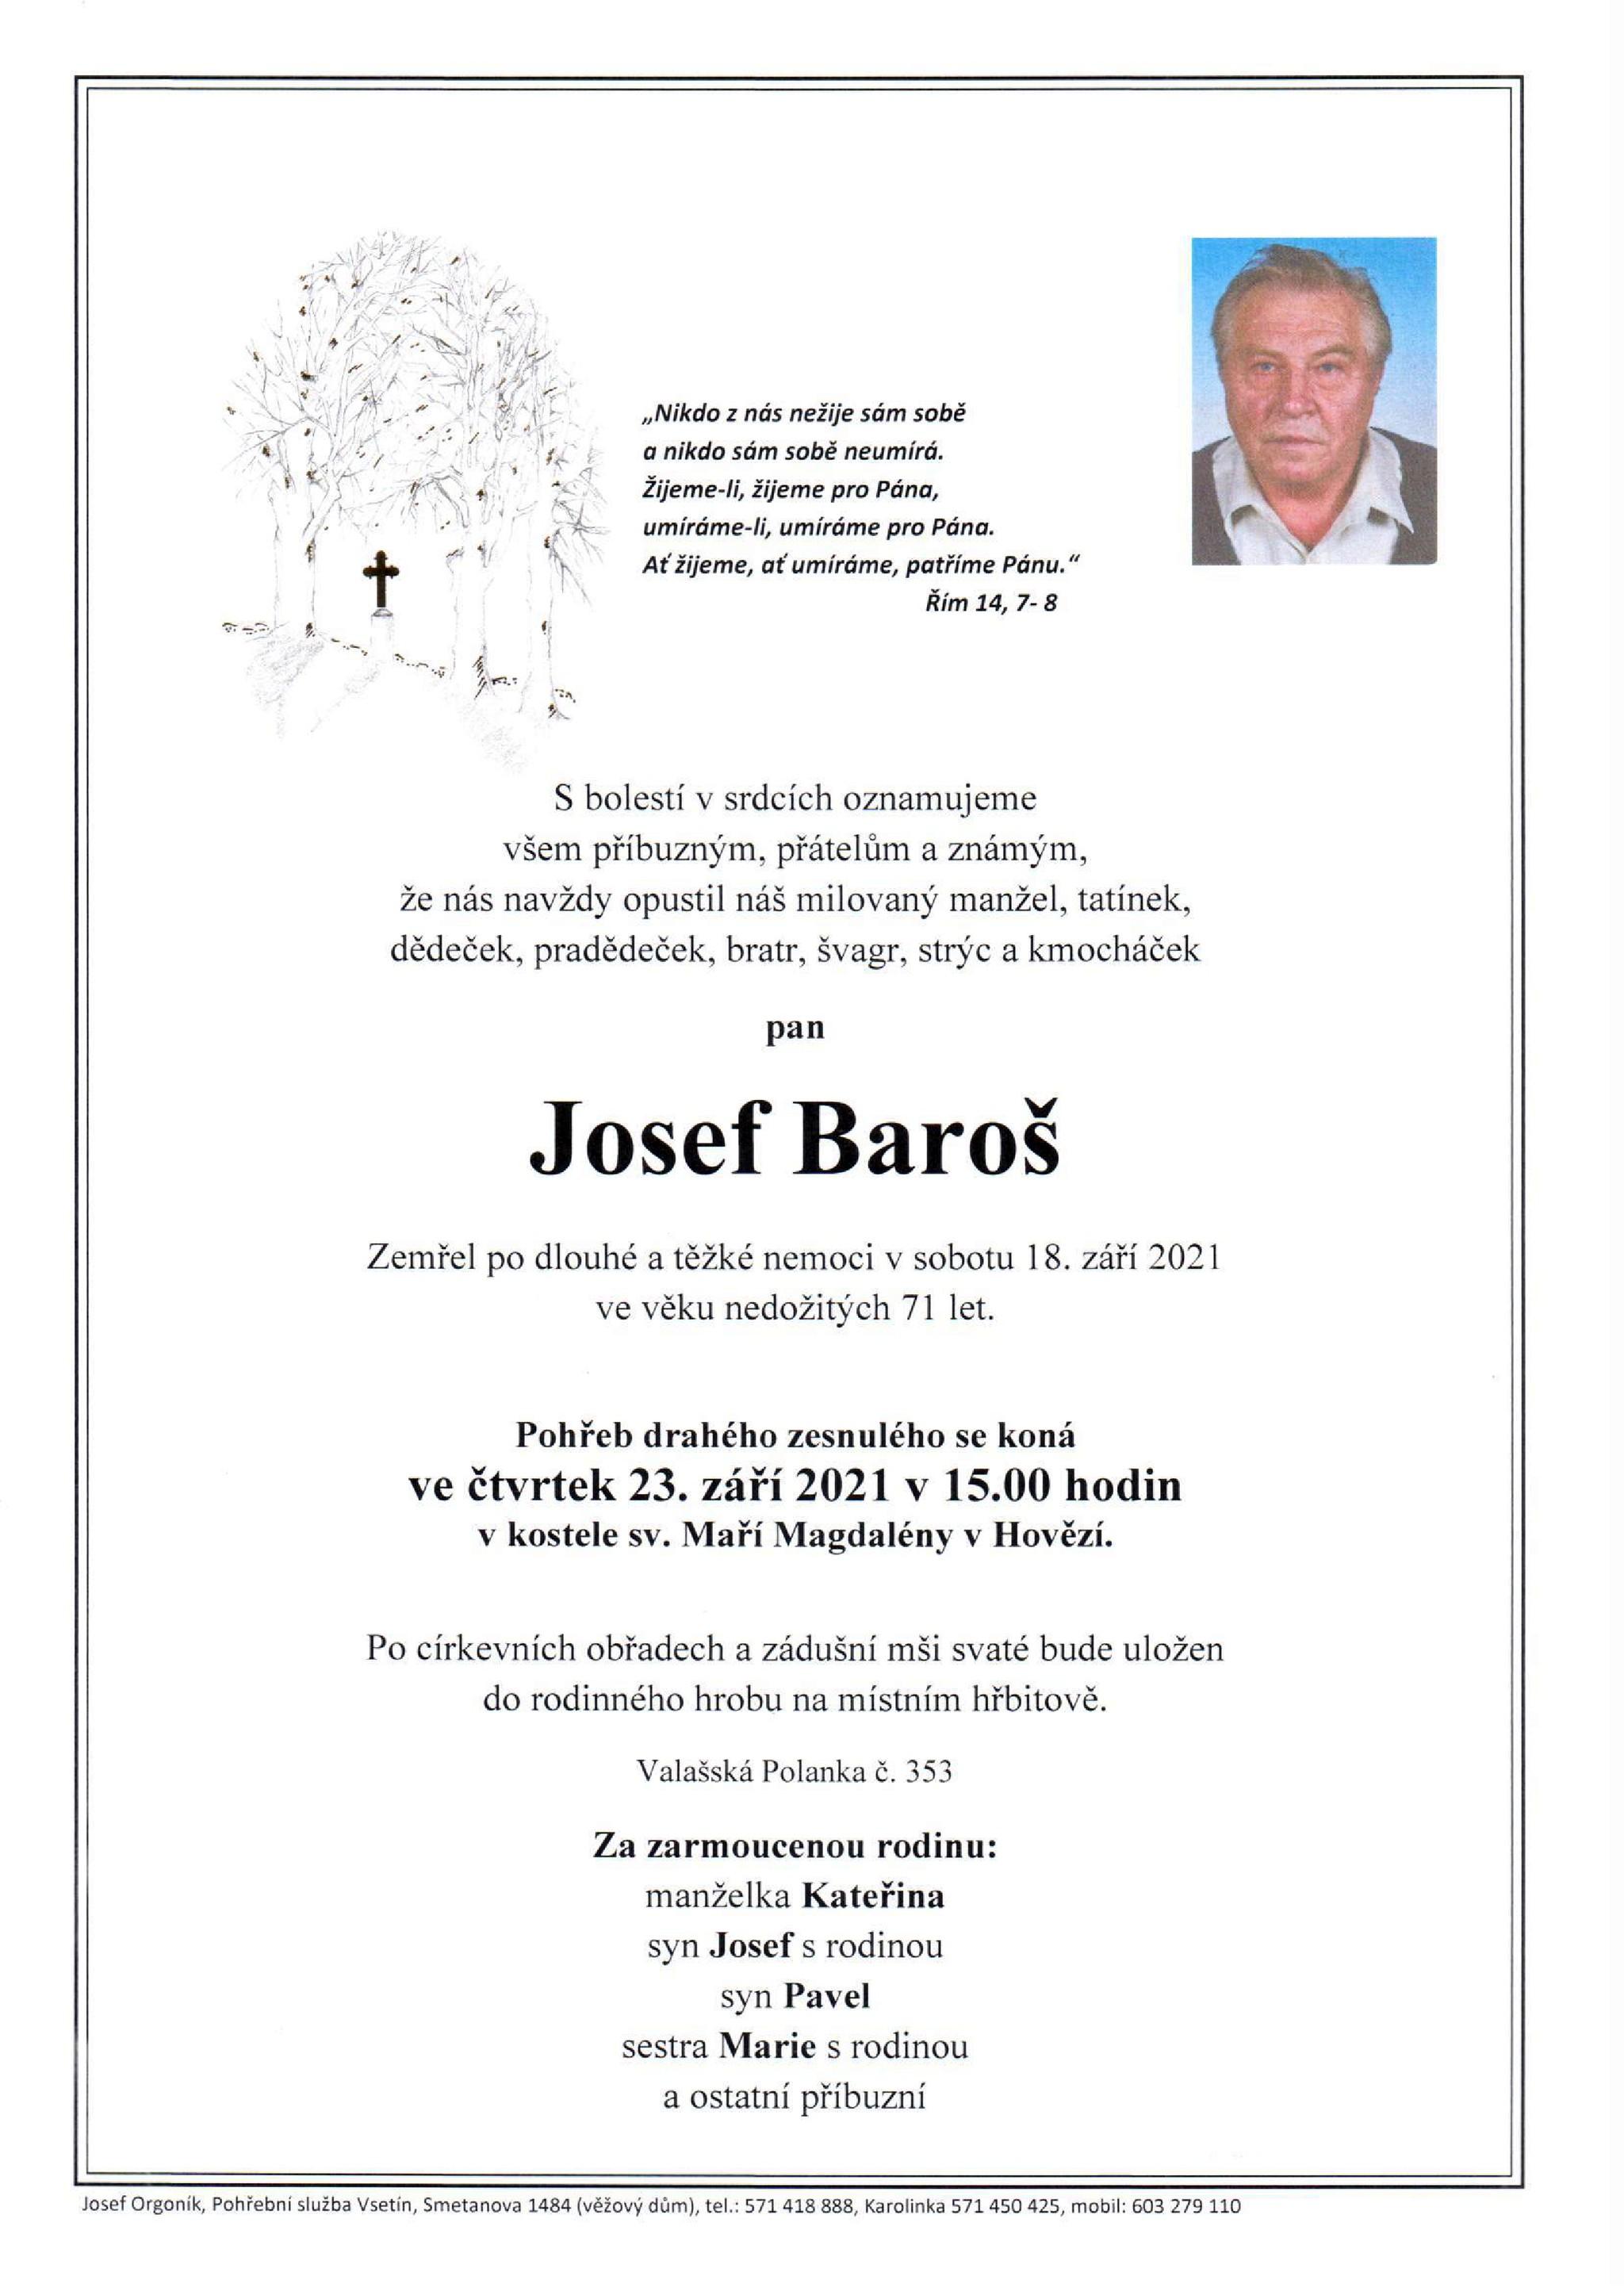 Josef Baroš